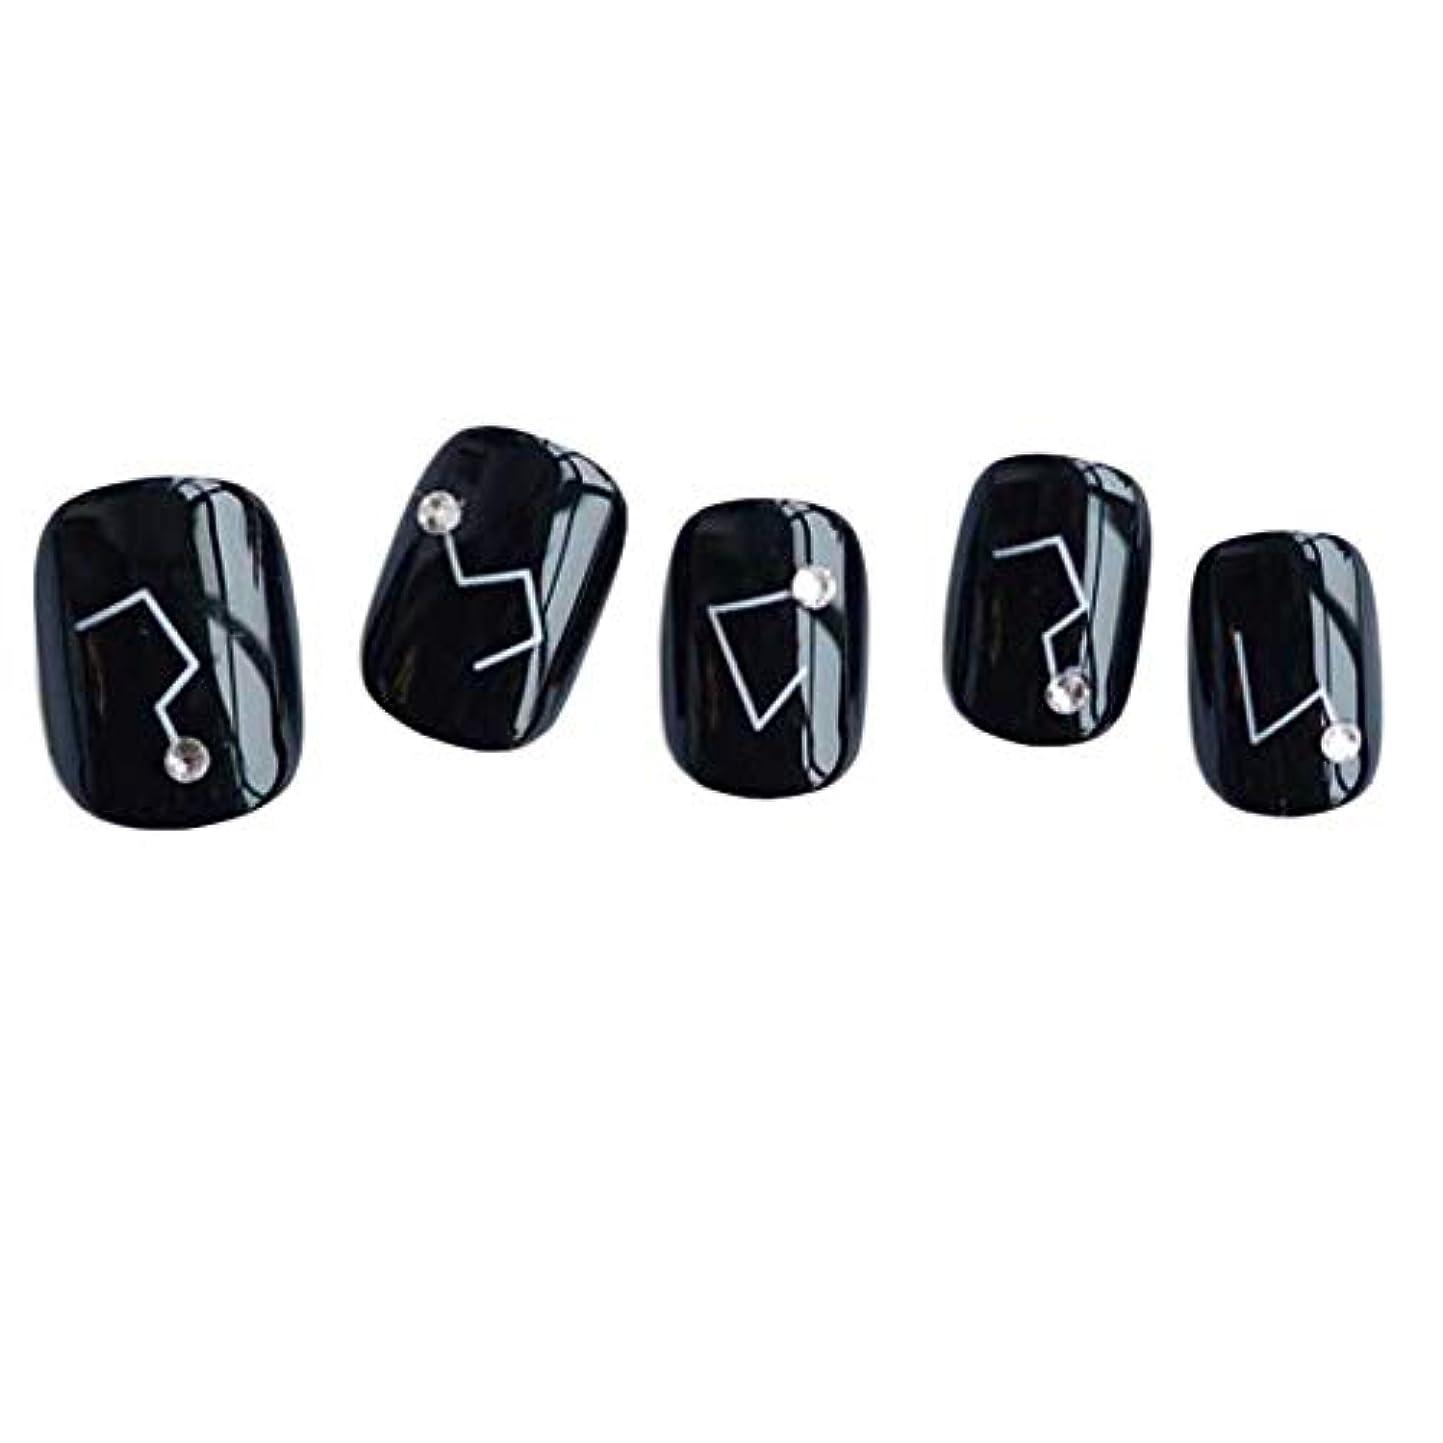 論争の的愛情深い日常的に星座 - 黒い短い偽の指爪人工爪の装飾の爪のヒント